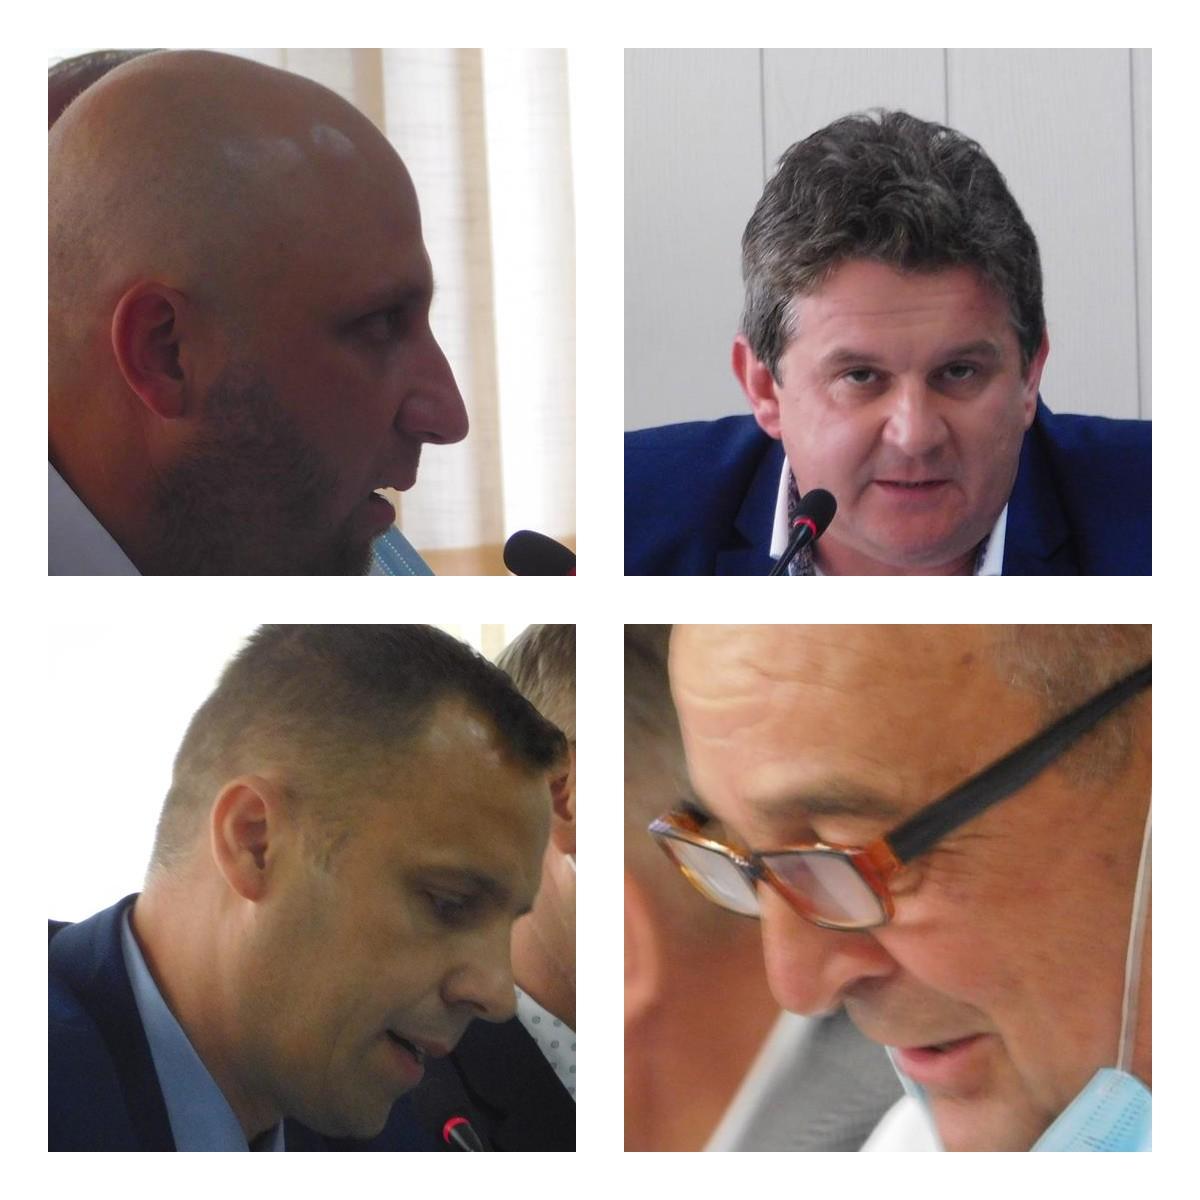 Gm. Kąkolewnica: kłótnia o przeniesienie pieniędzy z Polskowoli do Lipniak - Zdjęcie główne